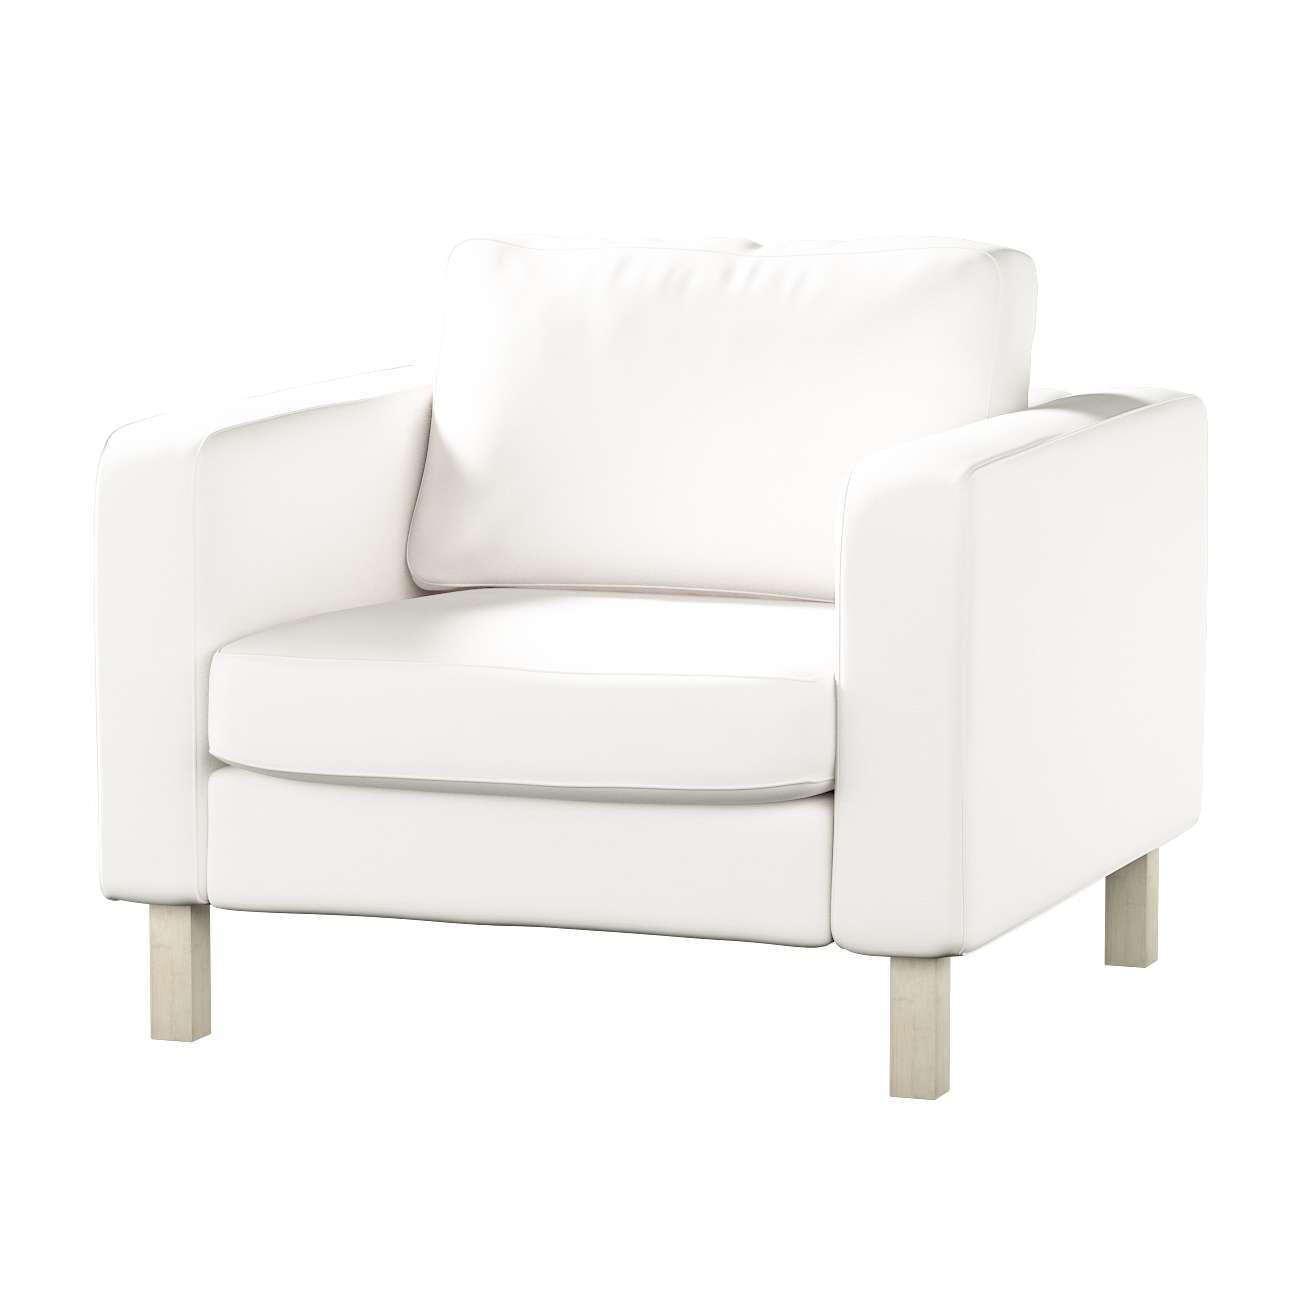 Pokrowiec na fotel Karlstad, krótki Fotel Karlstad w kolekcji Cotton Panama, tkanina: 702-34